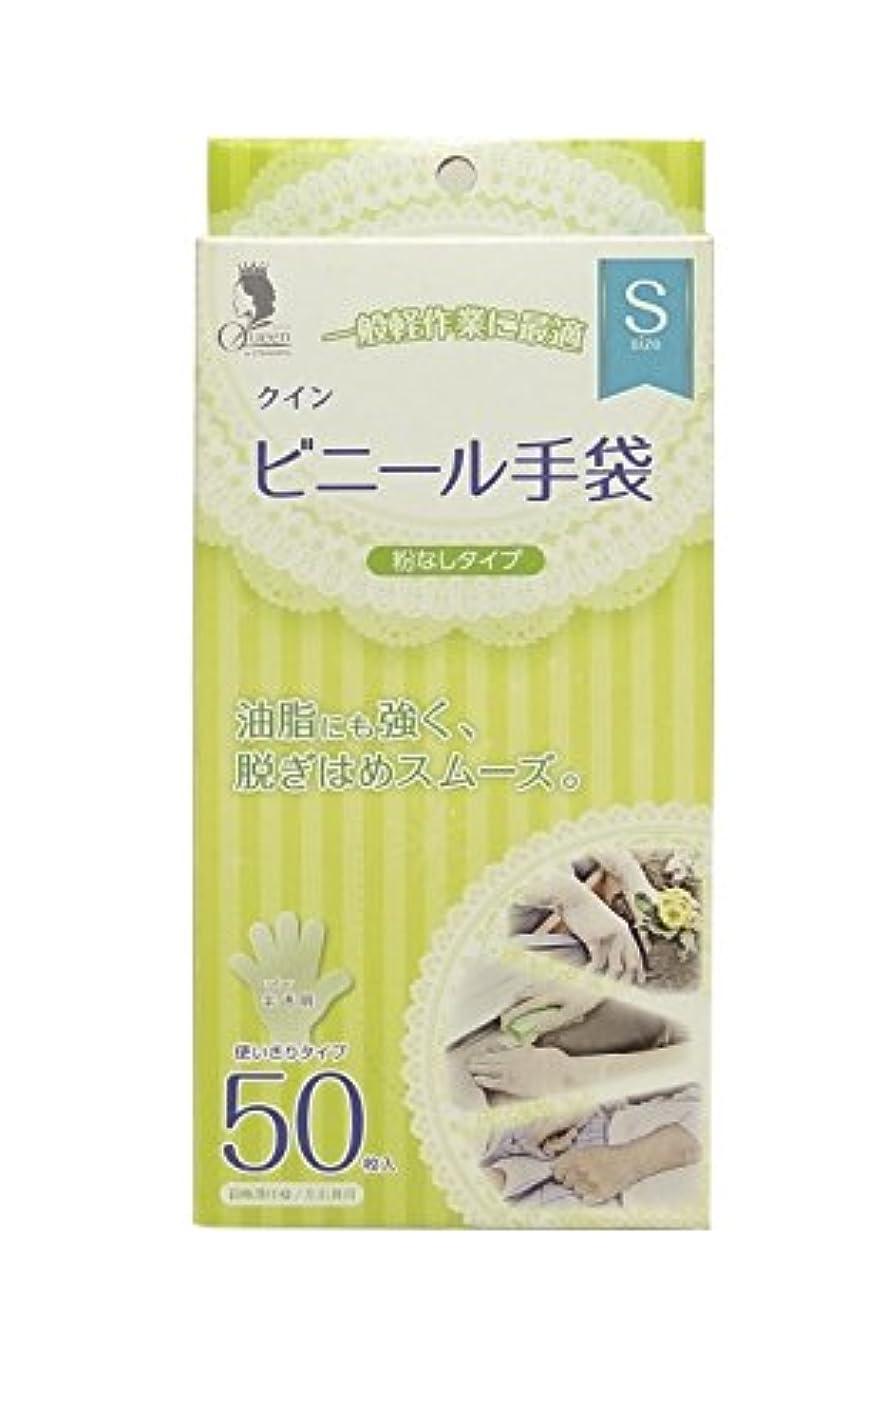 司令官人事貨物宇都宮製作 クイン ビニール手袋 Sサイズ 50枚